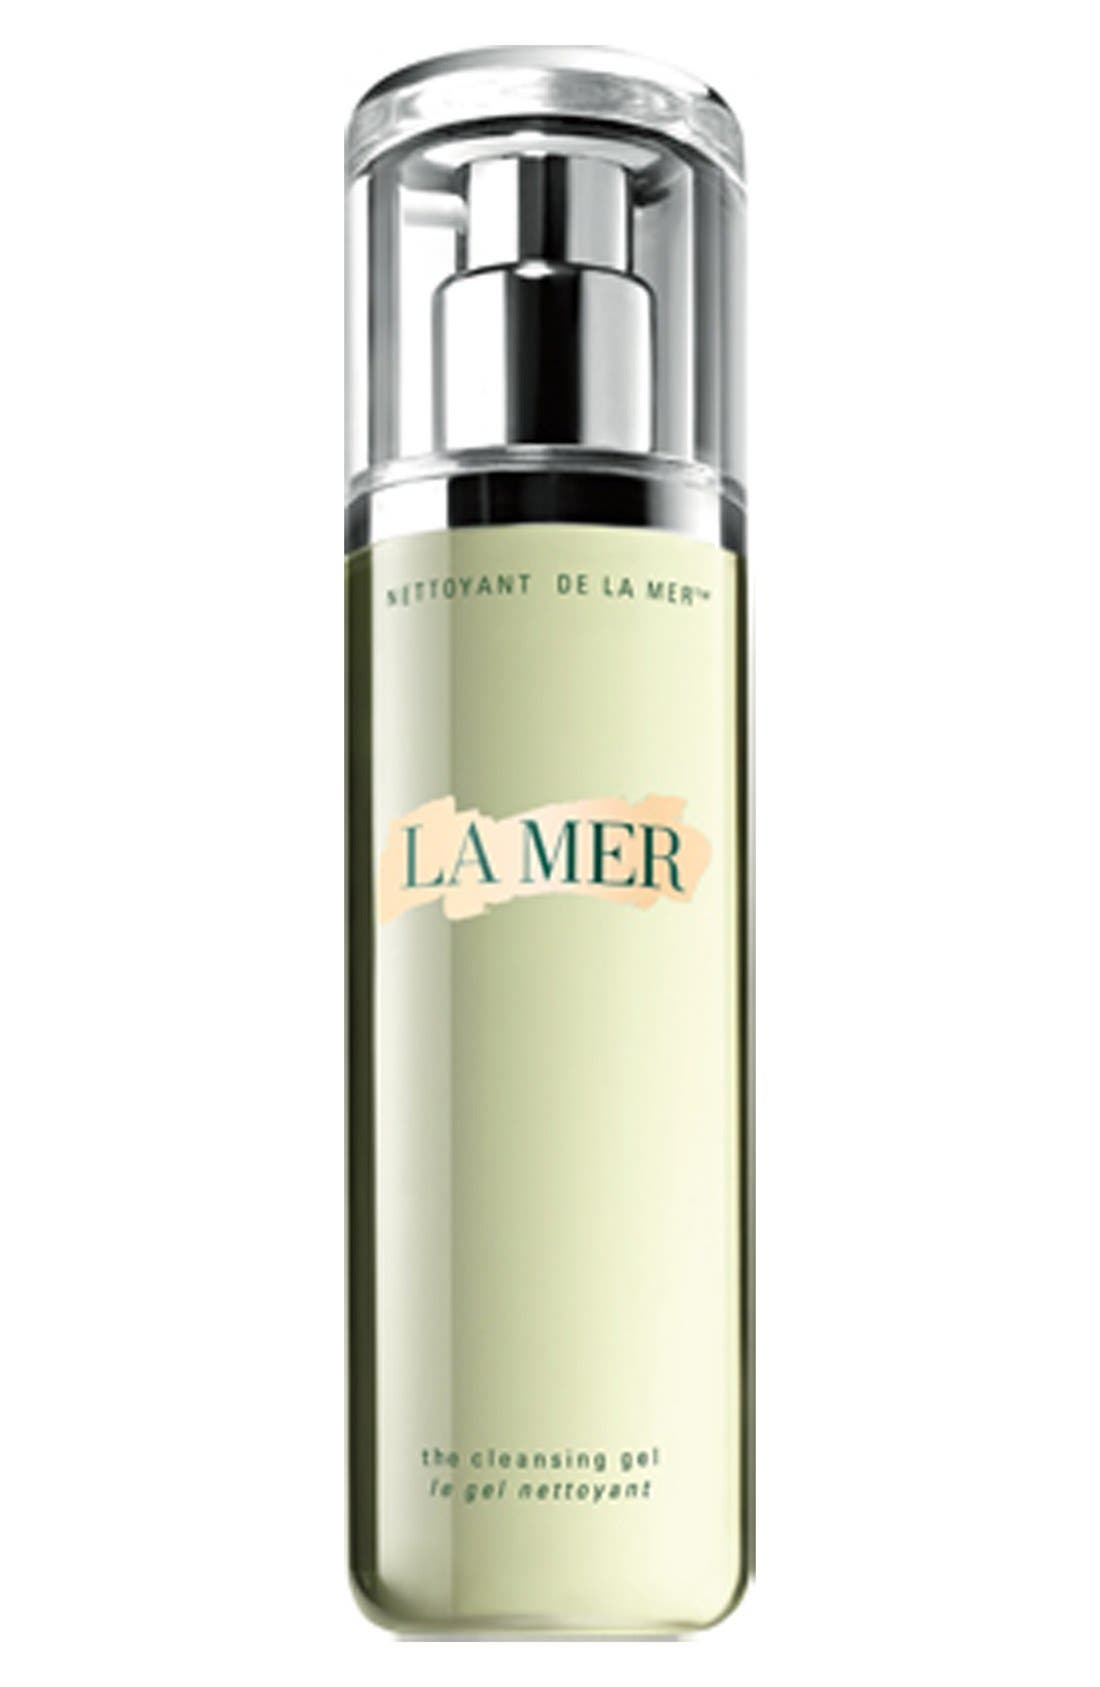 La Mer 'The Cleansing Gel'